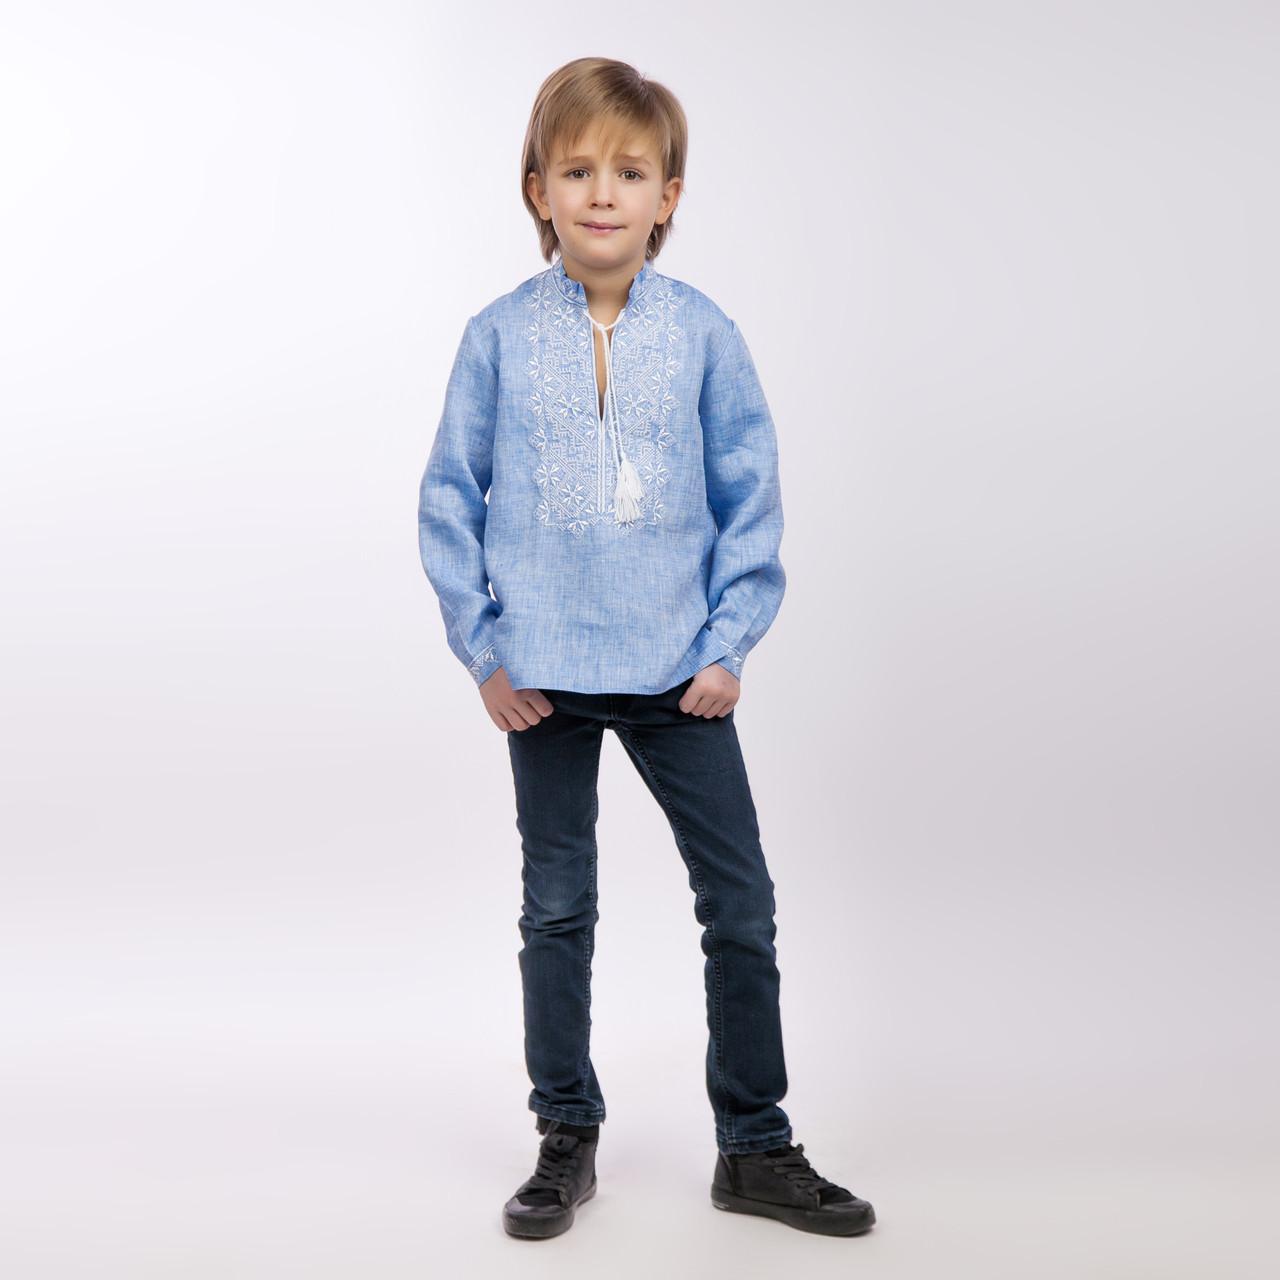 Вышиванка для мальчика, светлый джинс - фото 1